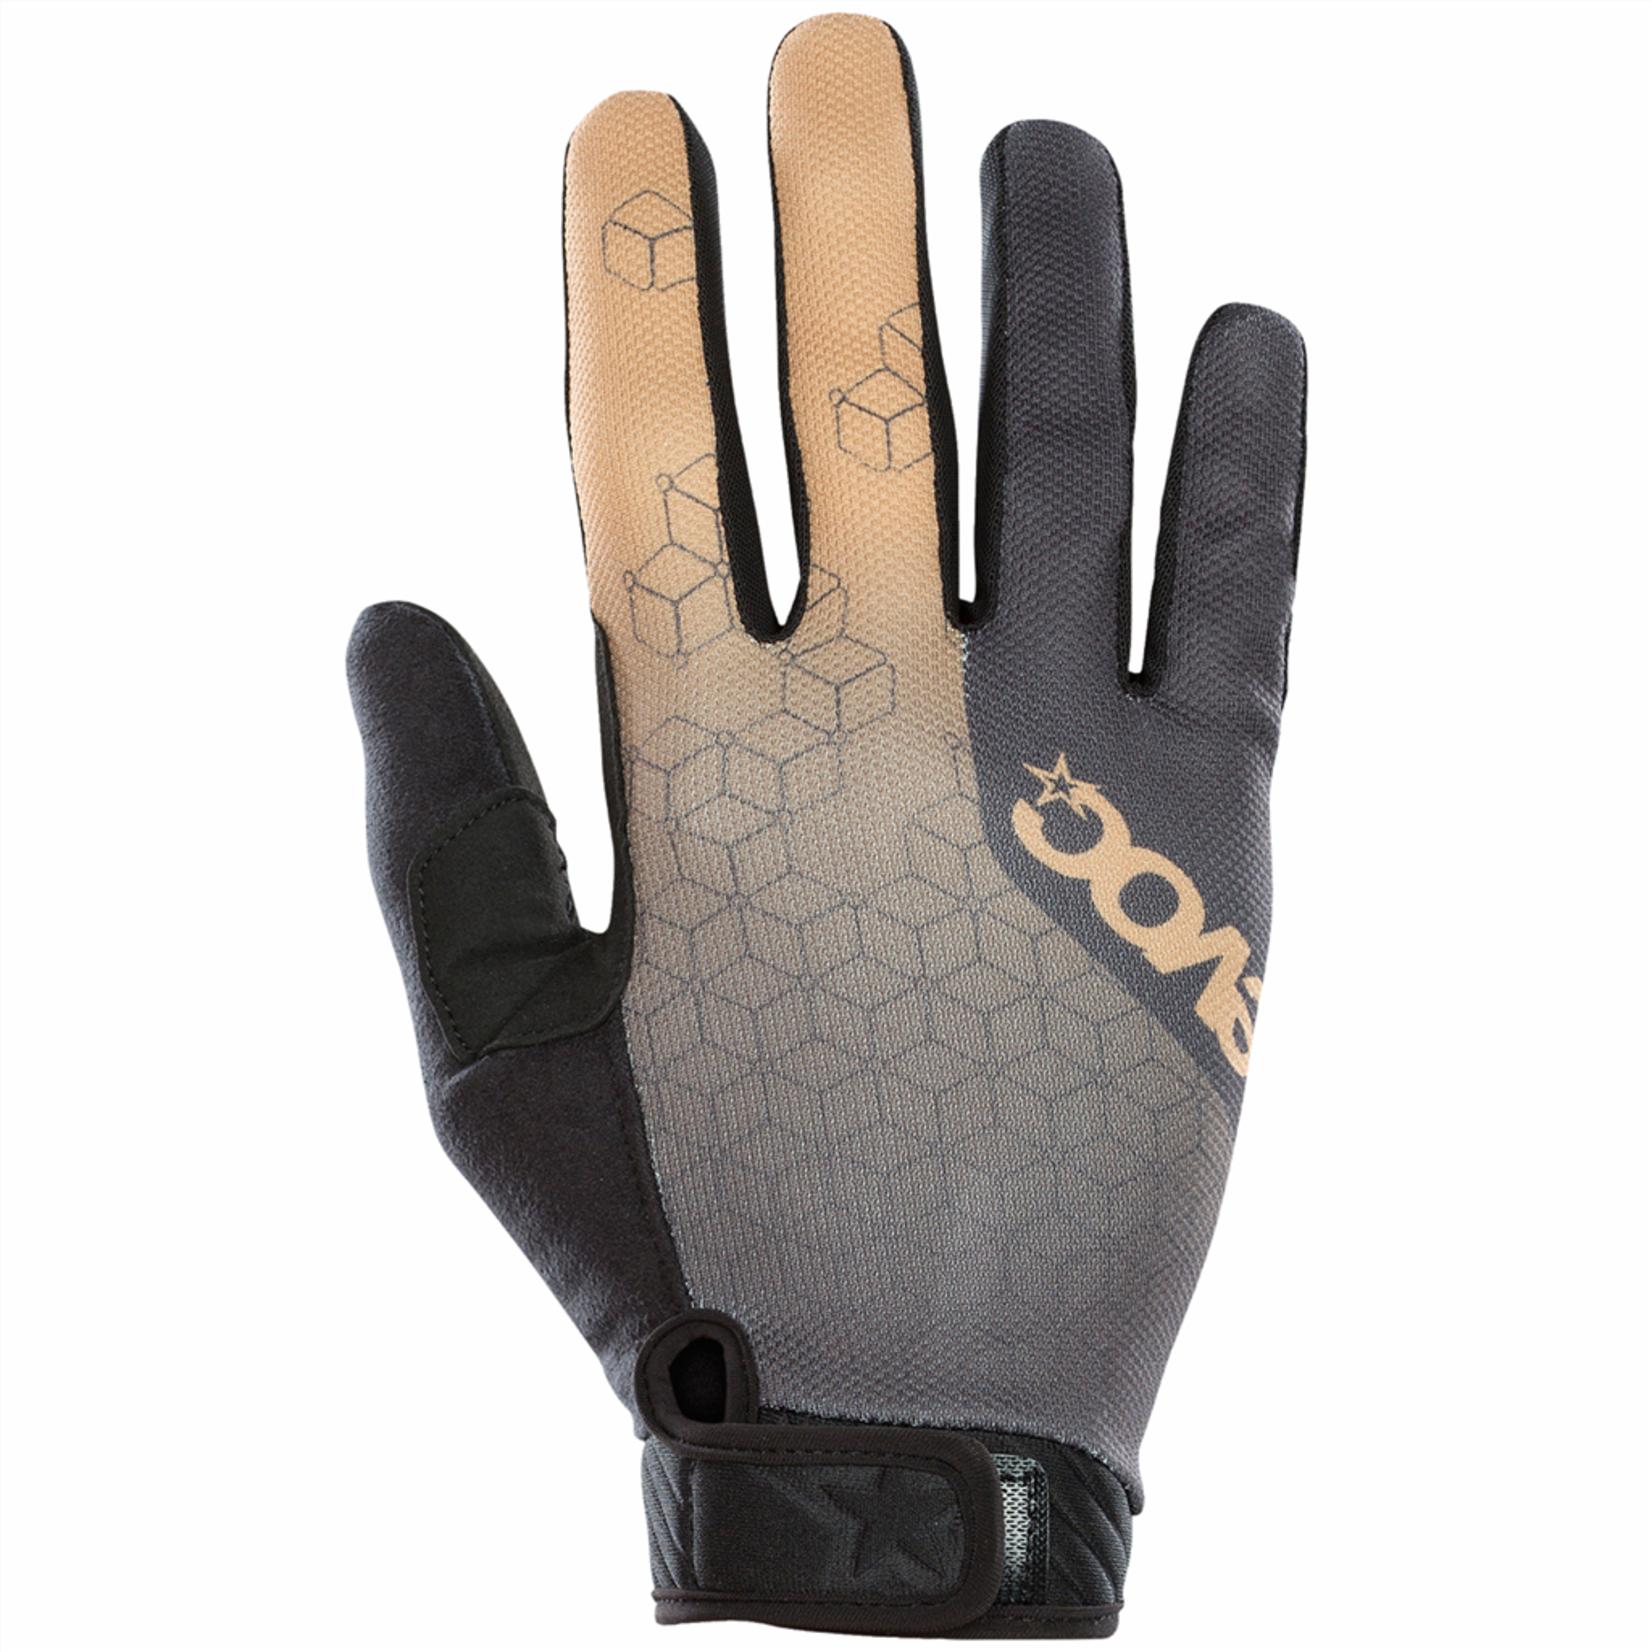 EVOC Handschuhe EVOC Enduro touch